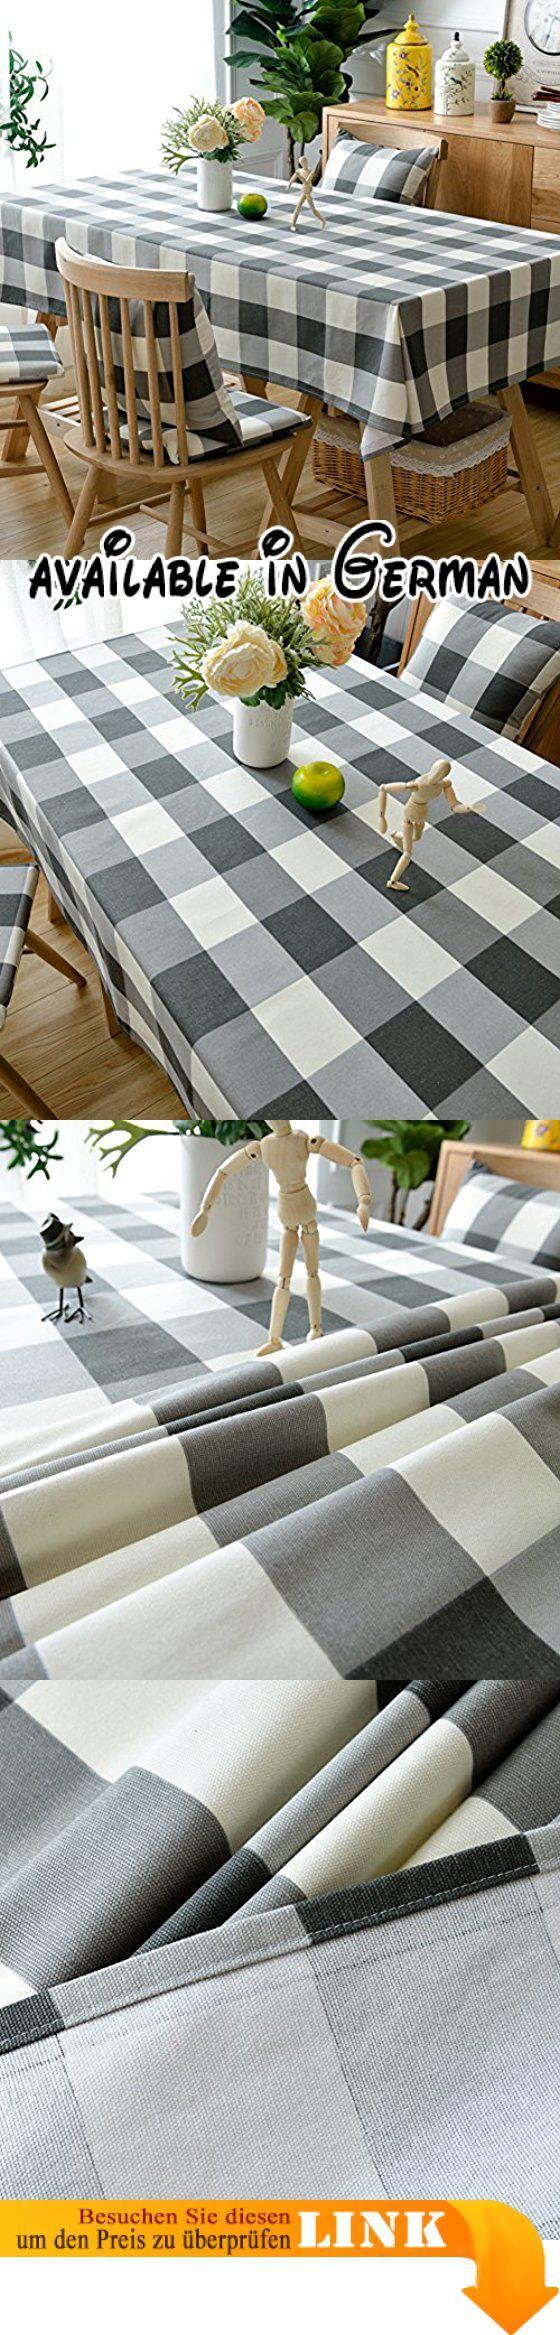 Ziemlich Einrichtungsideen Im Japanischen Stil Zen Ambiente Ideen ...